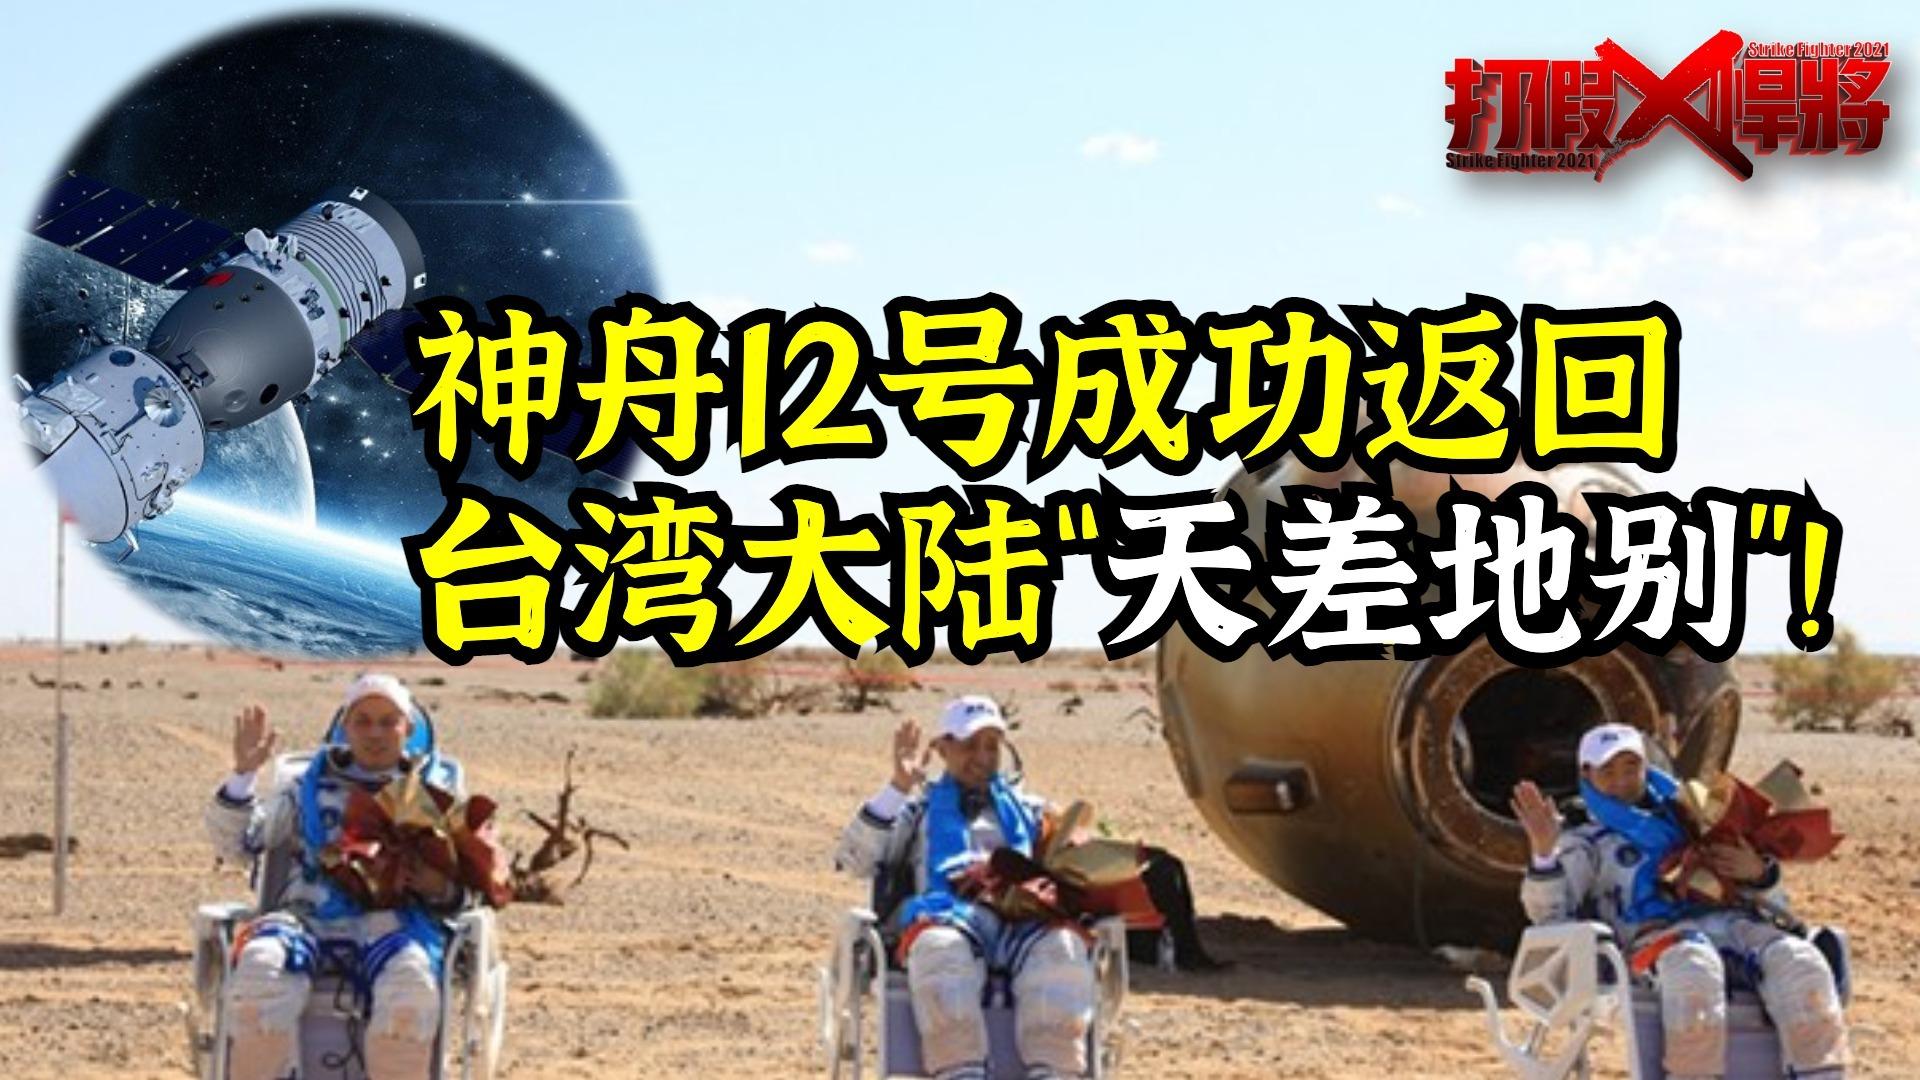 """神舟12号成功返回 台媒""""封锁消息""""不让同胞看到丨知之有时"""